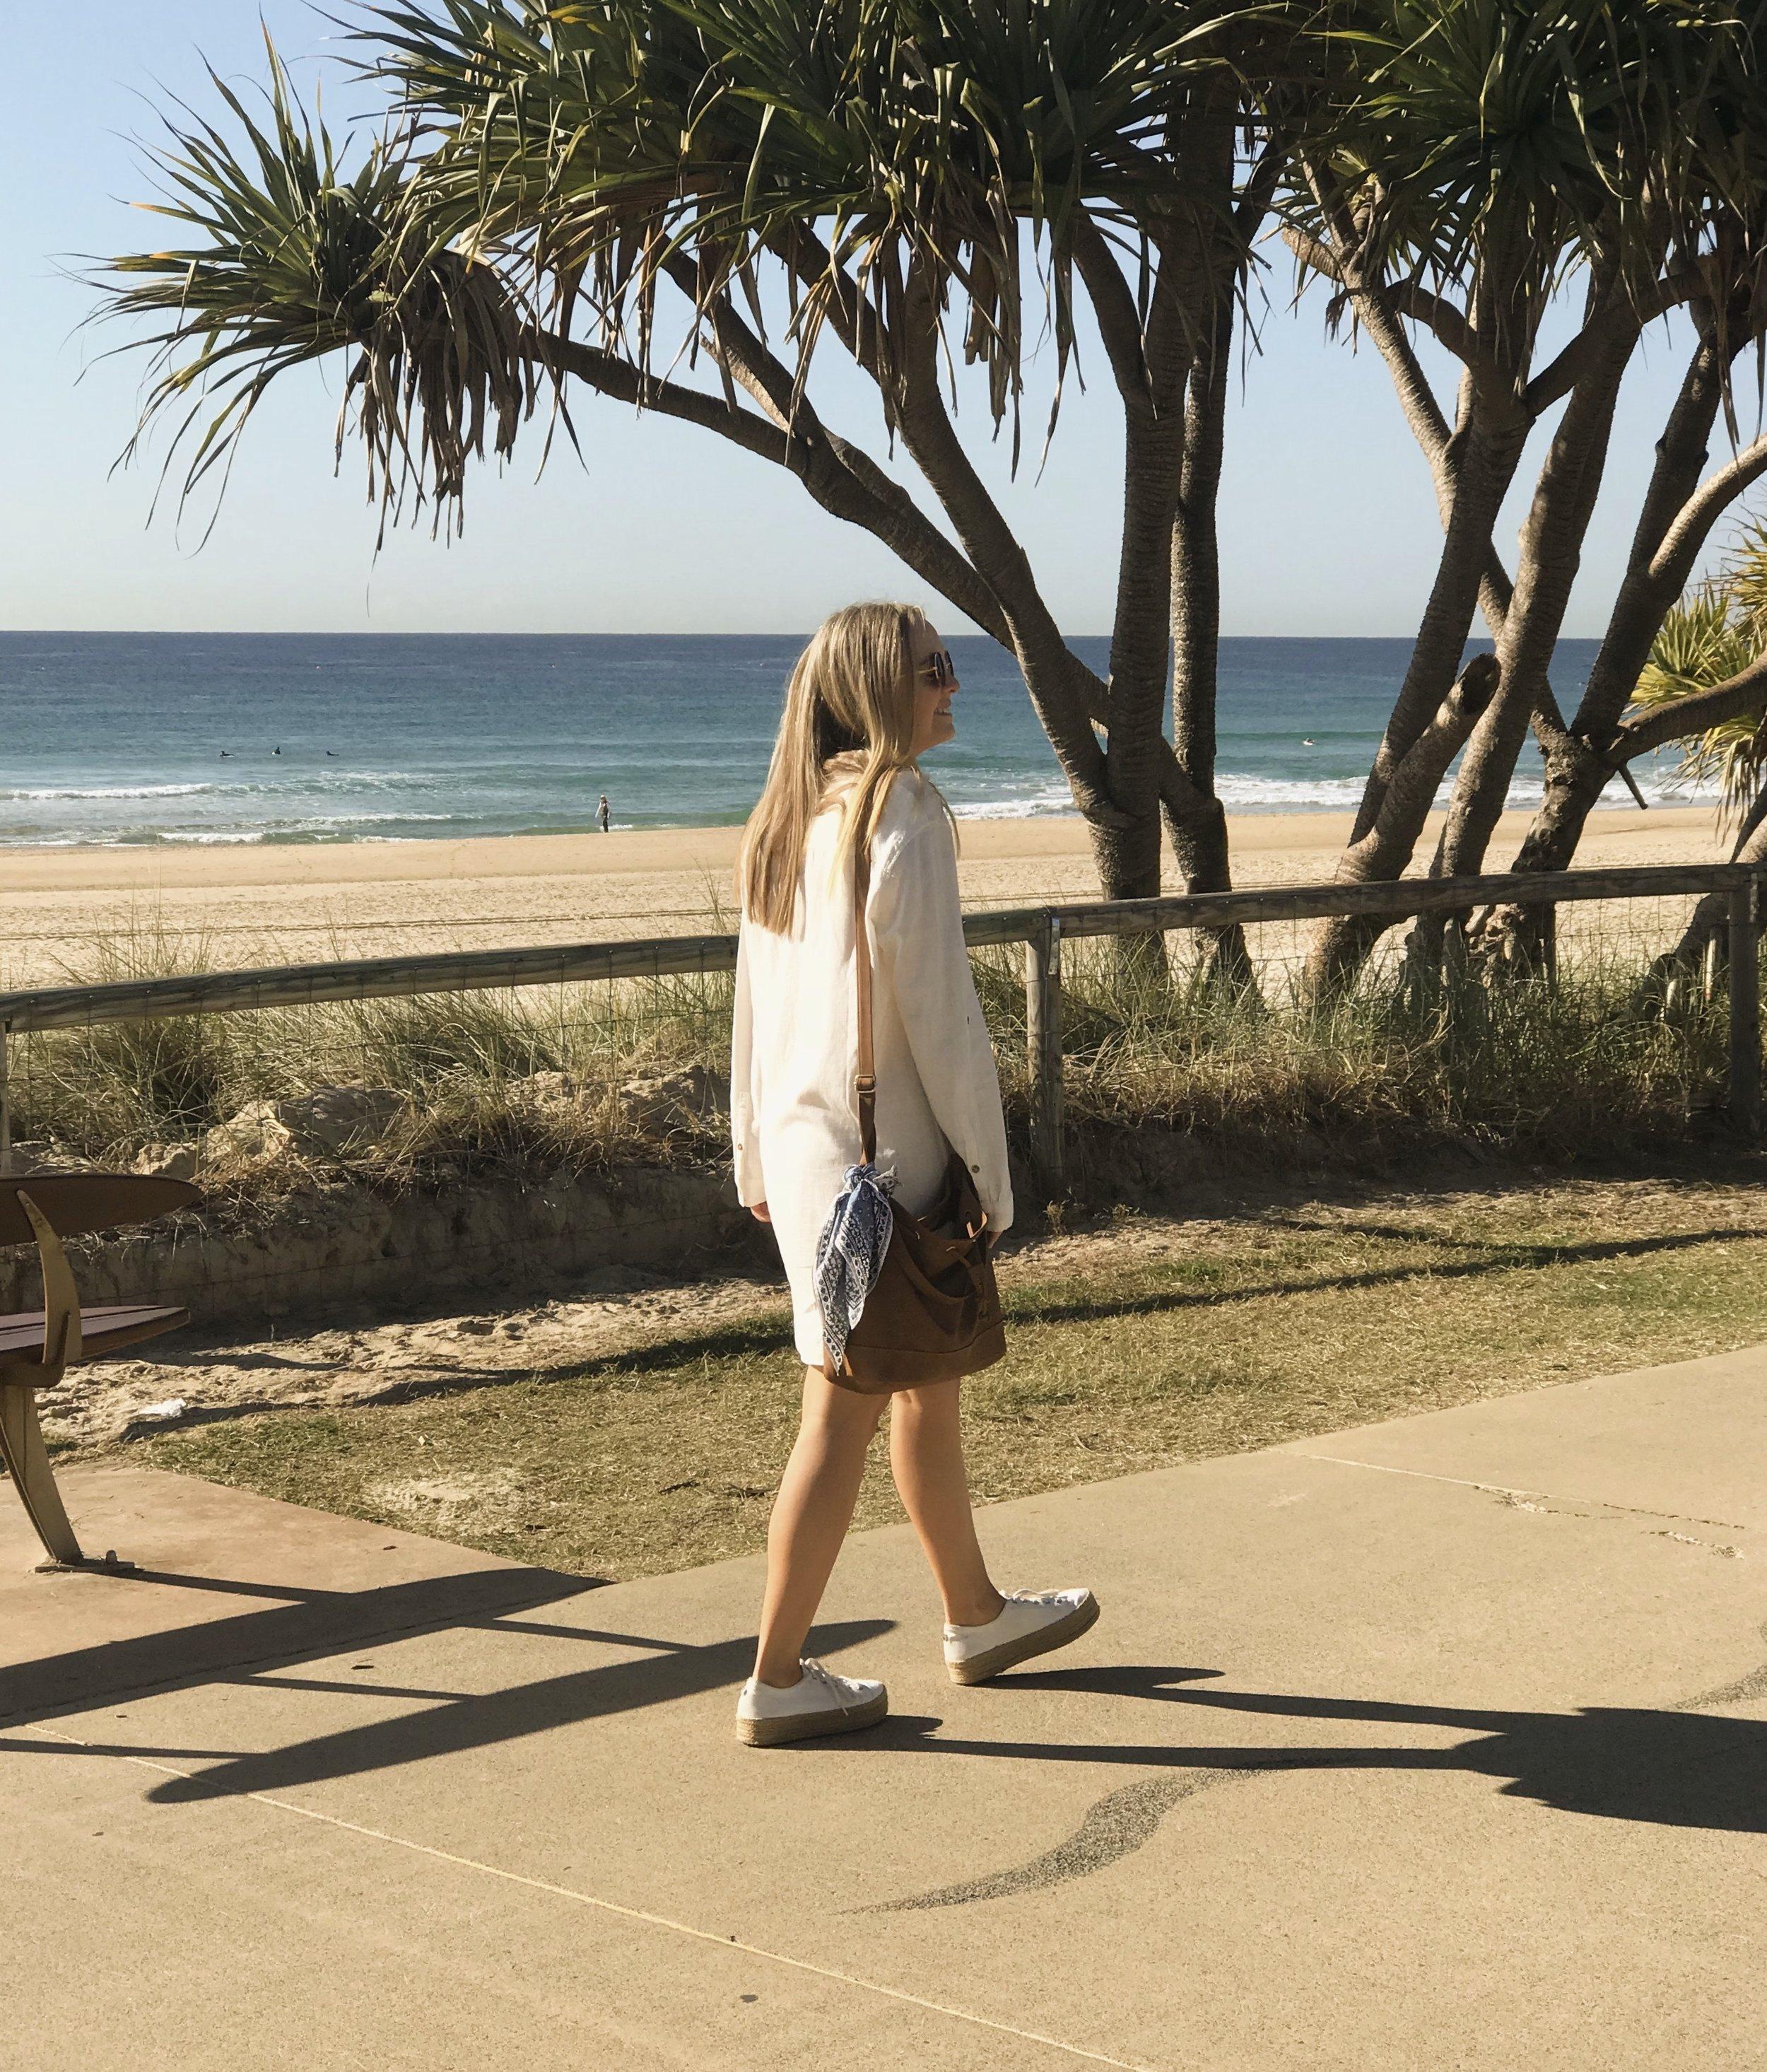 Gold Coast Queensland Australia